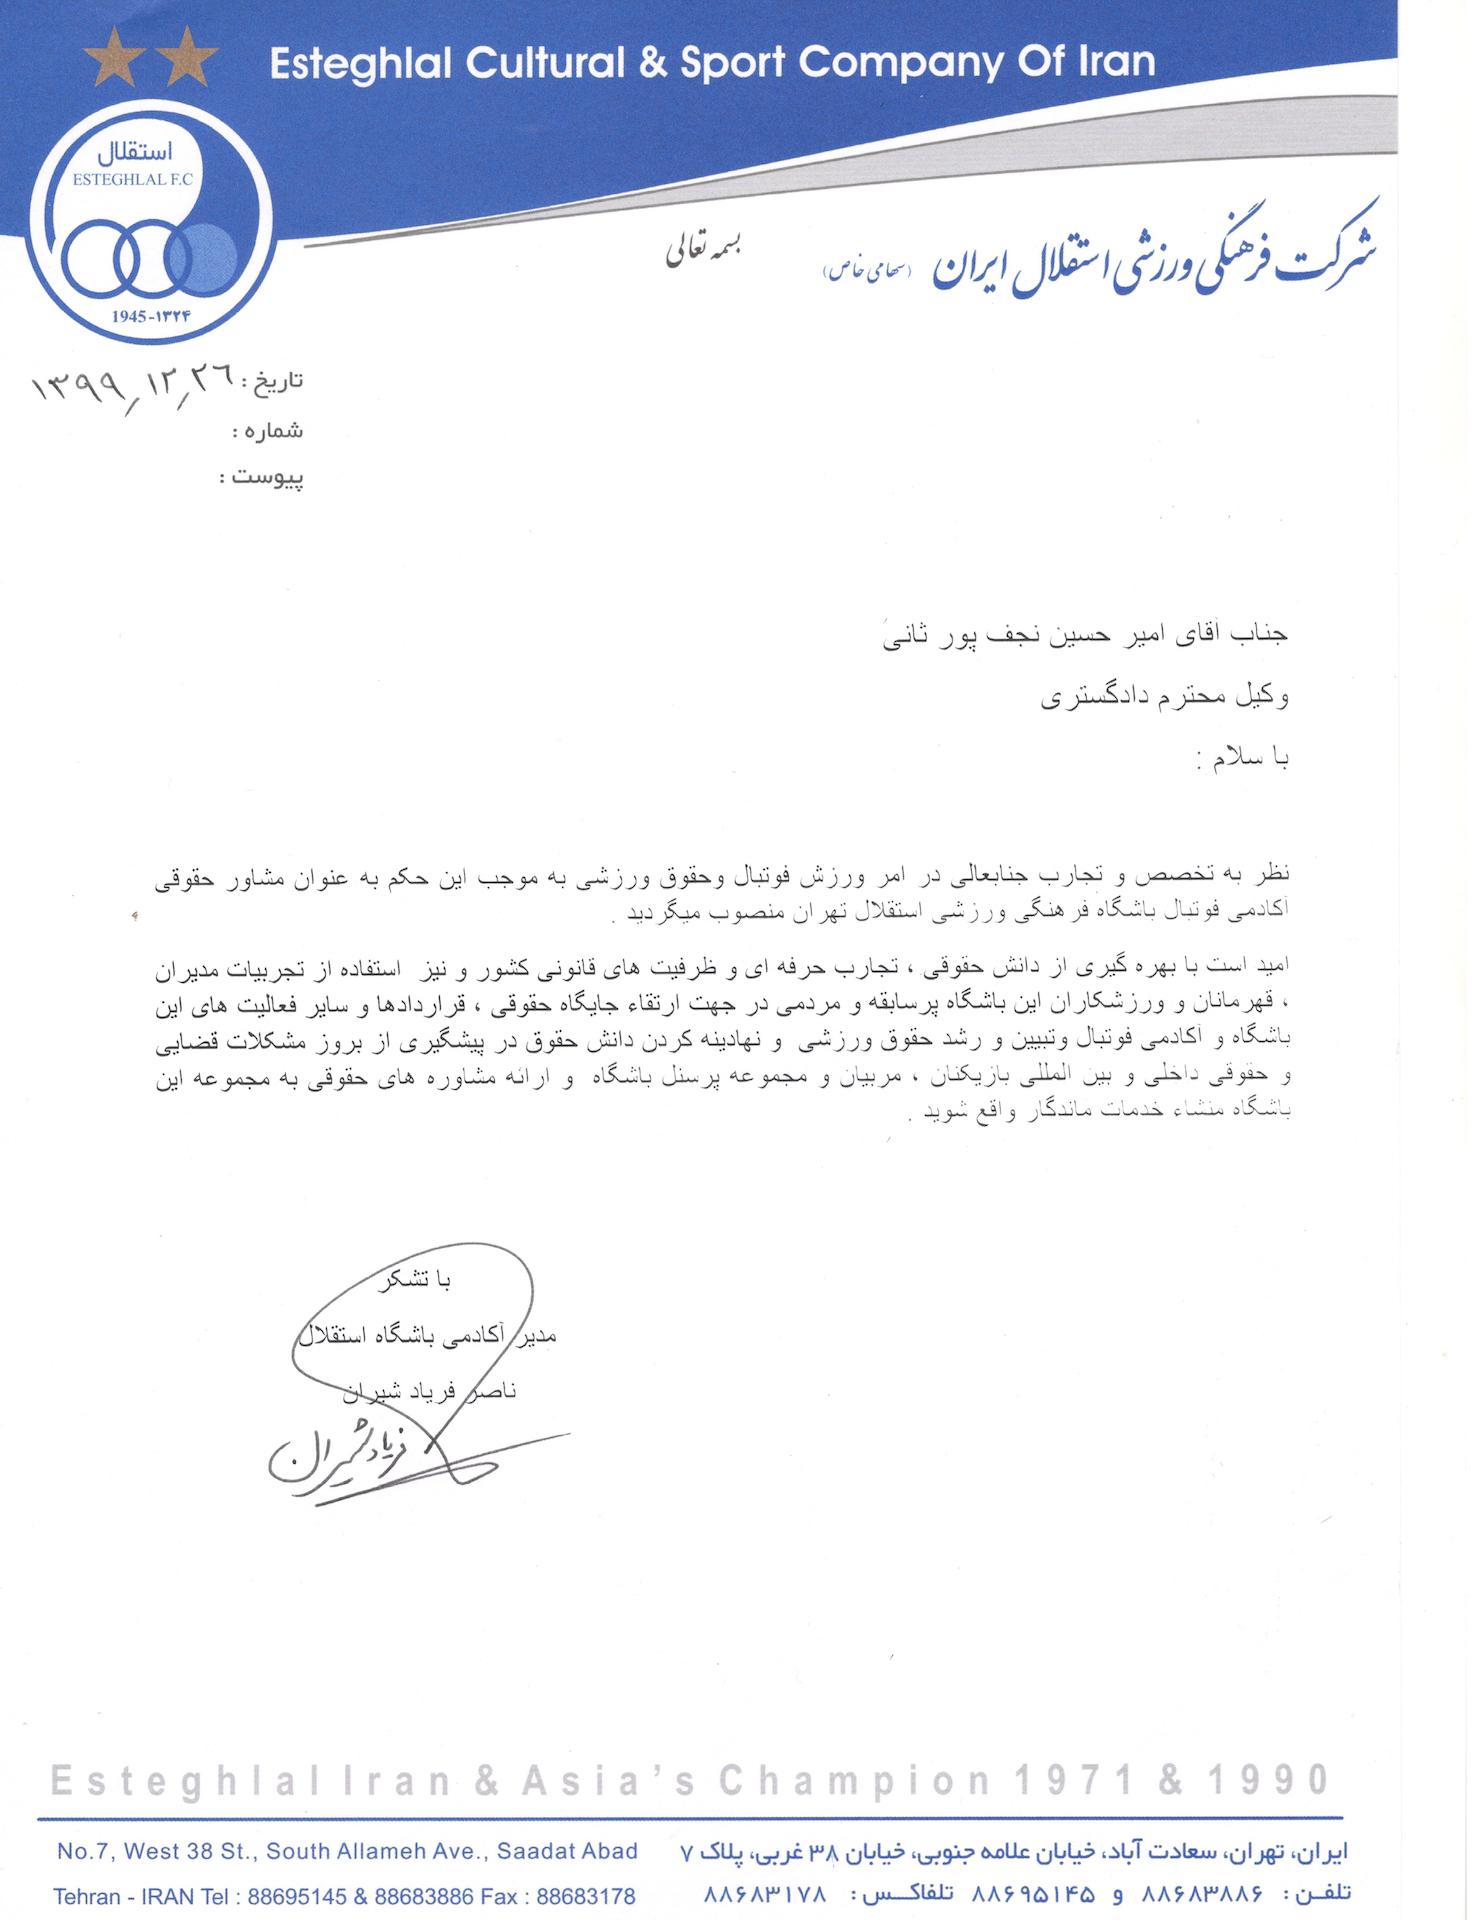 همکاری با باشگاه استقلال تهران